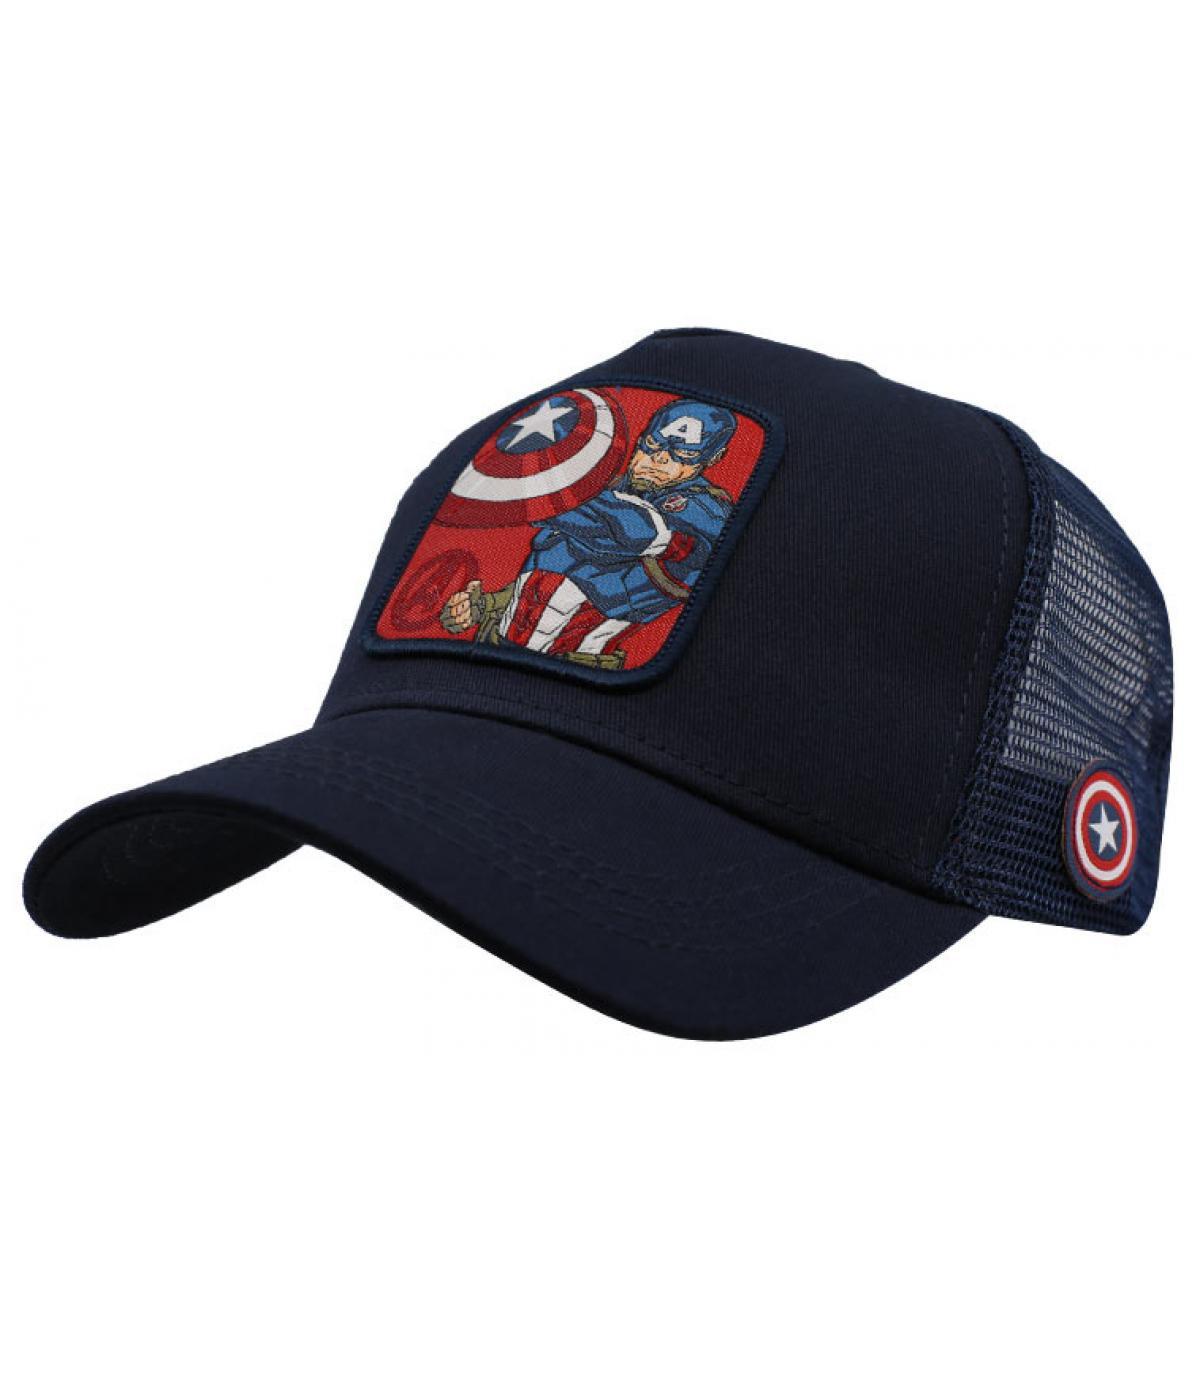 Détails Trucker Captain America - image 2